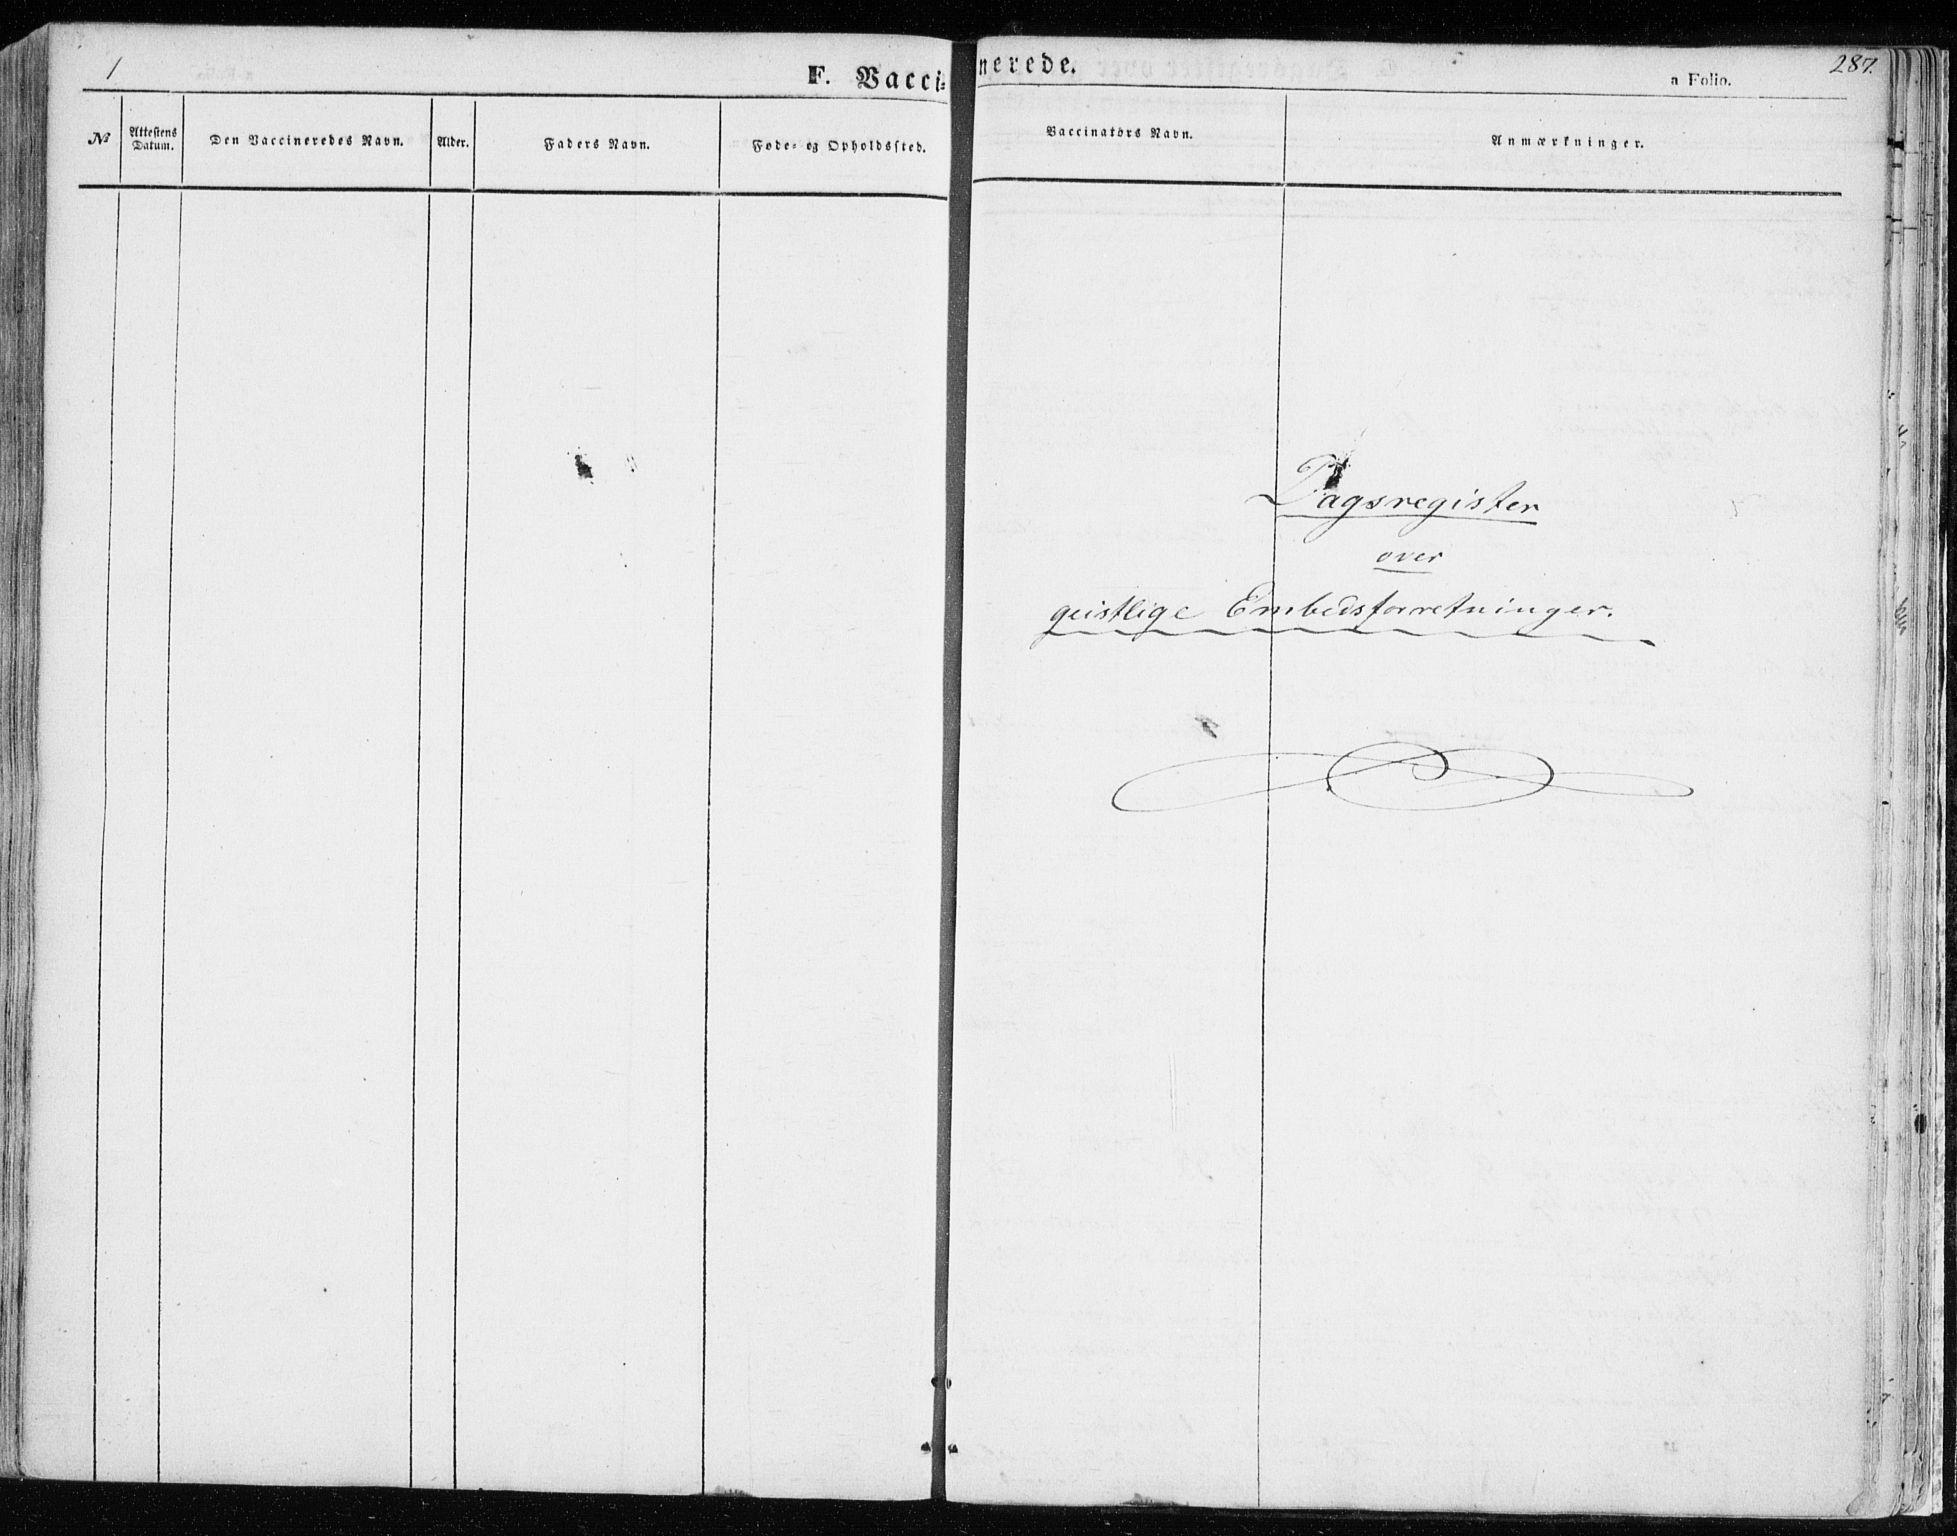 SATØ, Balsfjord sokneprestembete, Ministerialbok nr. 3, 1856-1870, s. 287